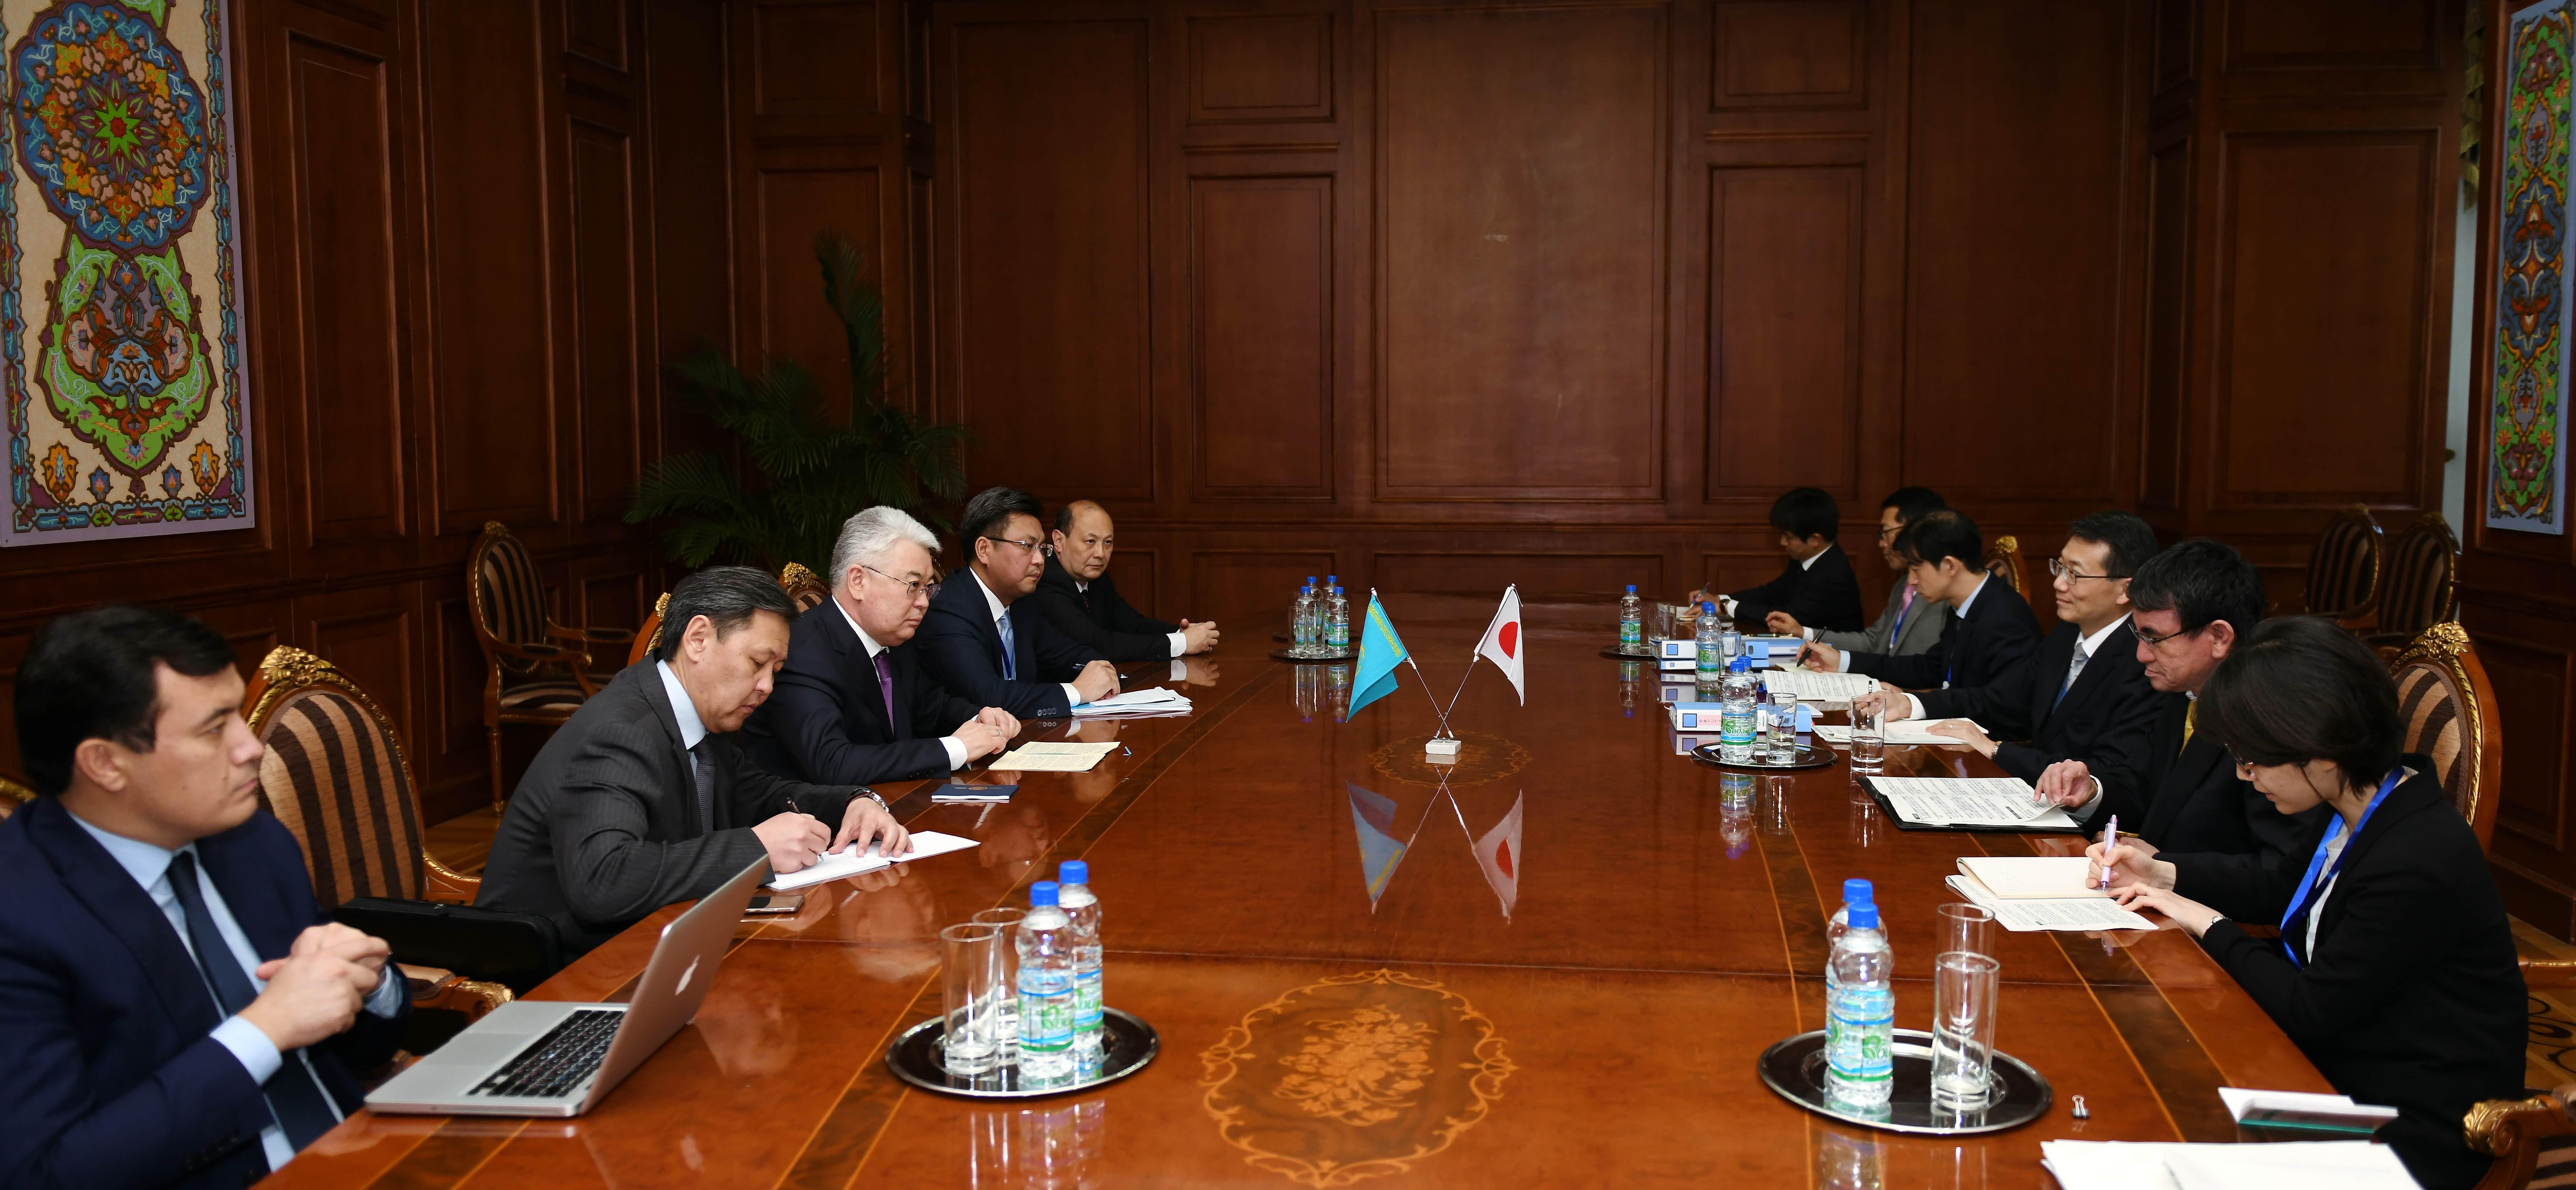 Казахстан обсудил перспективы сотрудничества с Японией и Афганистаном